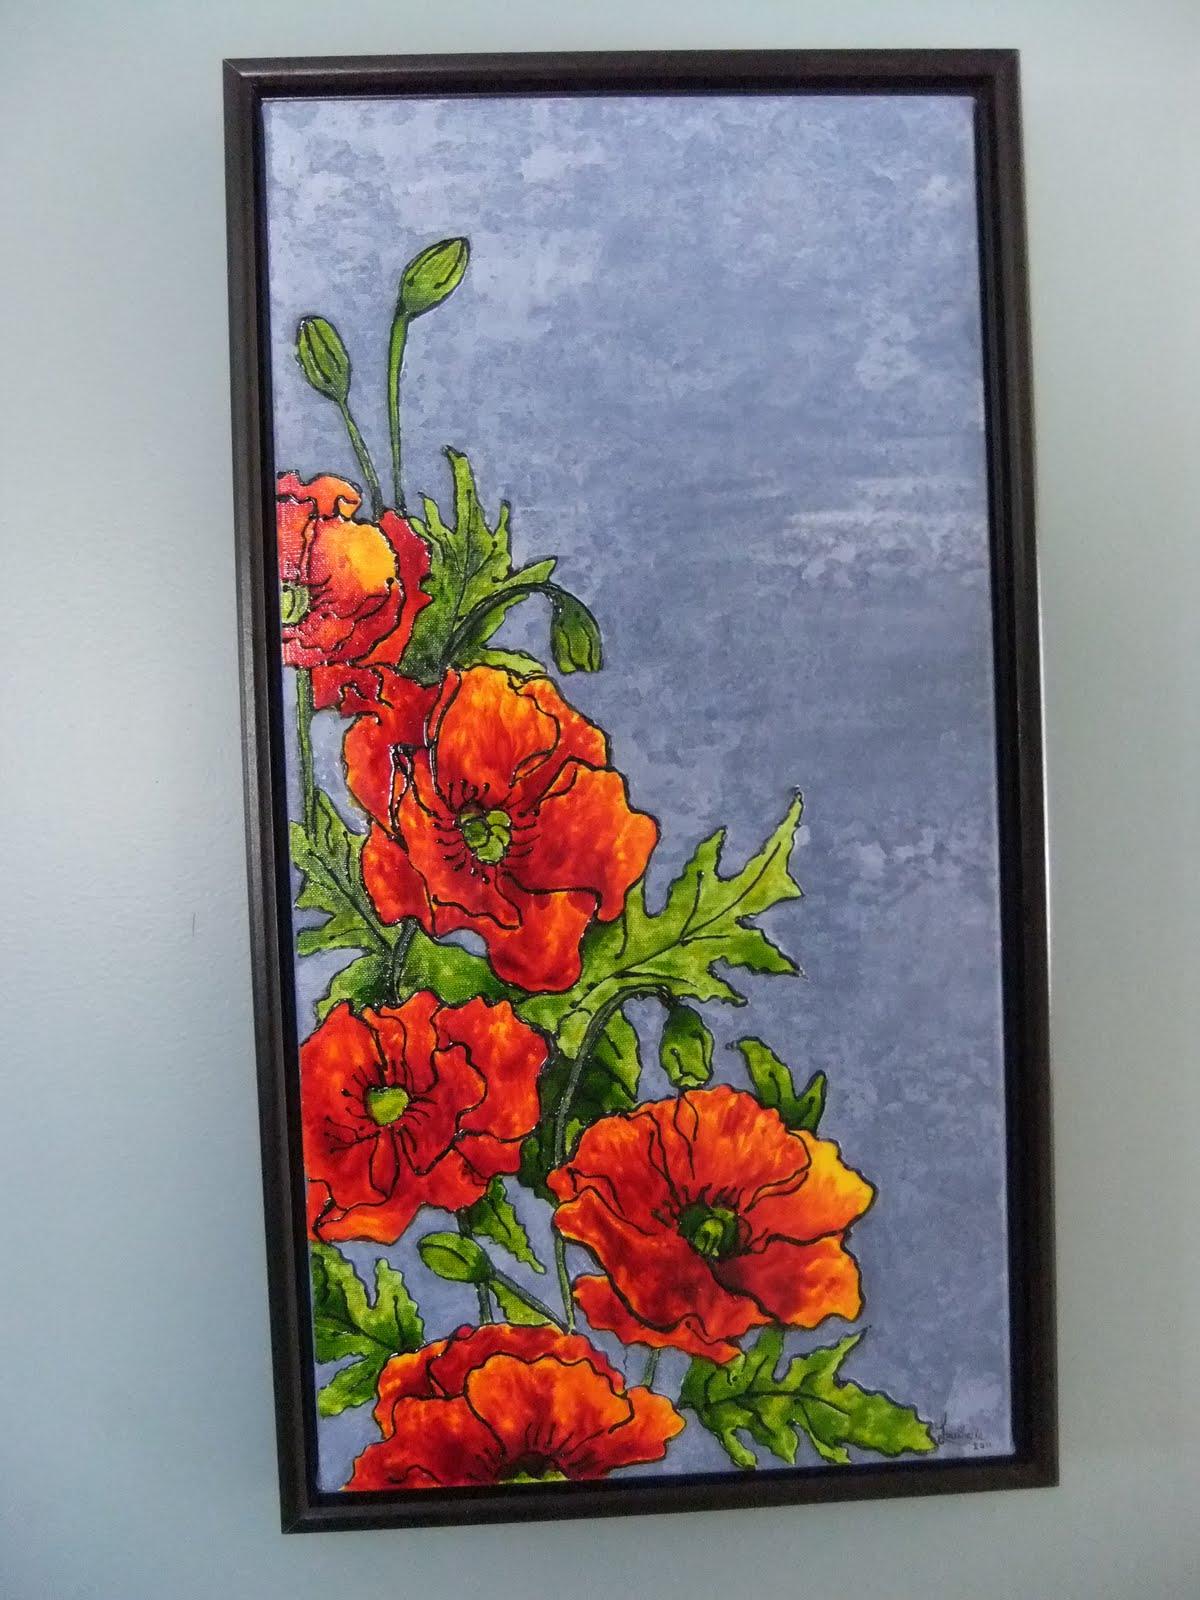 Loulou artiste faux vitrail for Faux vitrail sur miroir